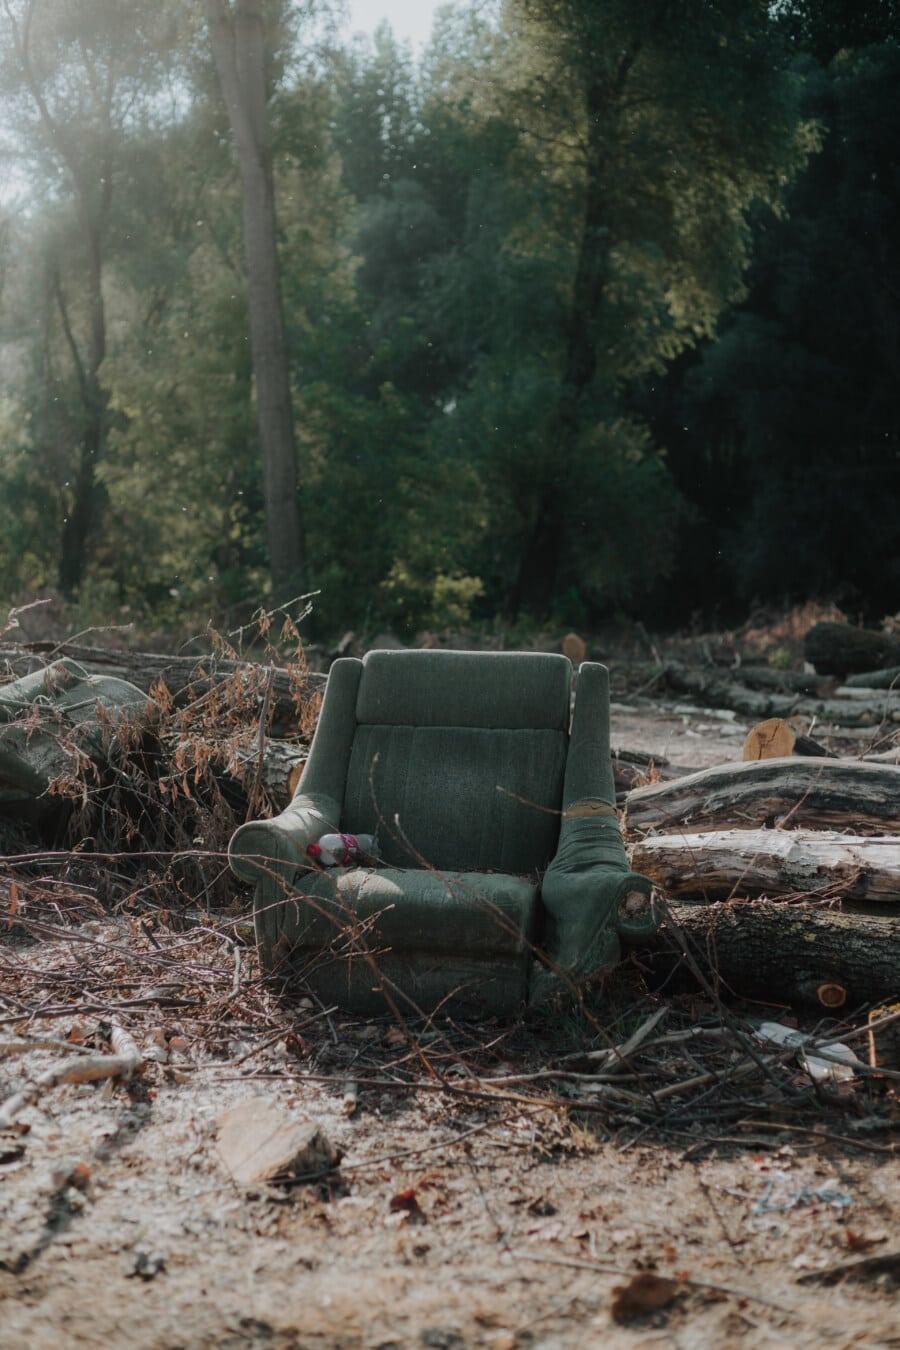 vieux, fauteuil, poubelle, garbage, forêt, bois de chauffage, recyclage, paysage, arbre, siège